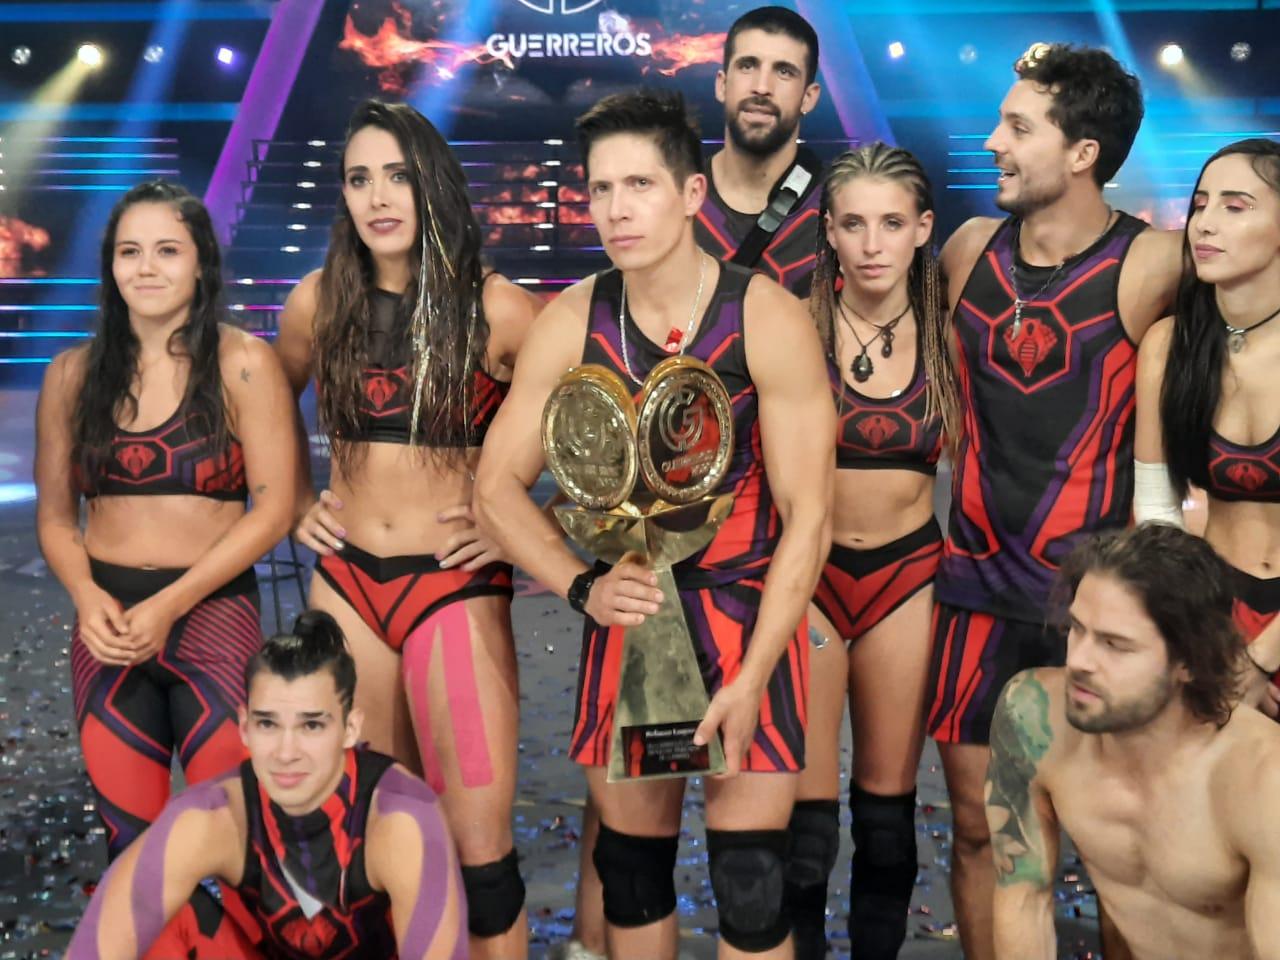 """El equipo Cobras es el campeón de """"Guerreros 2020"""", al conseguir 7,200 puntos"""